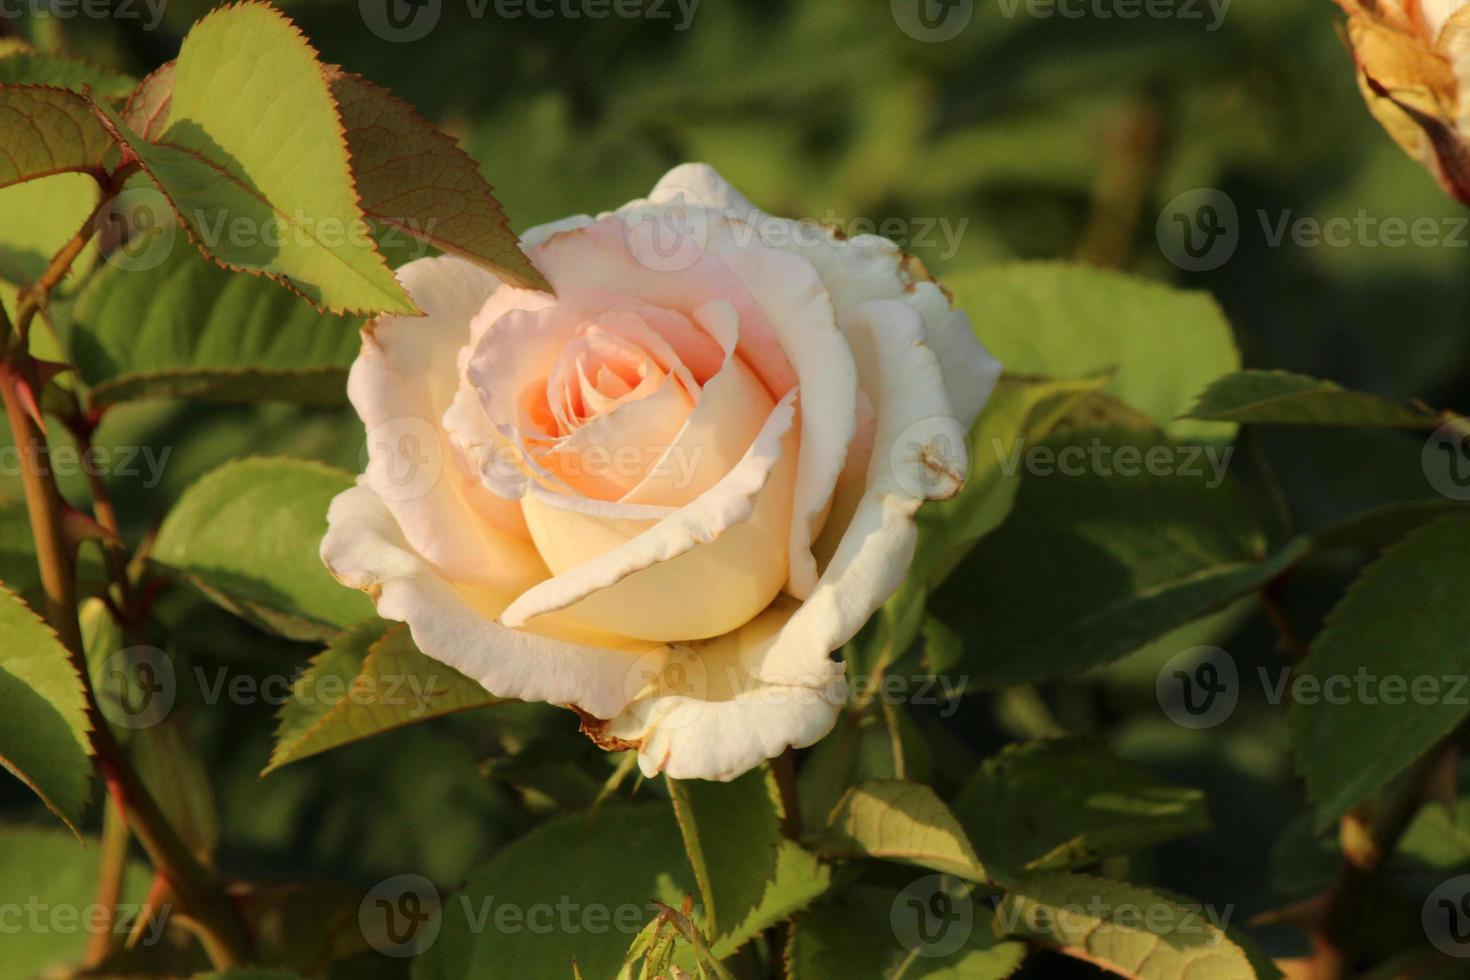 rosa 'henri salvador' - rose foto